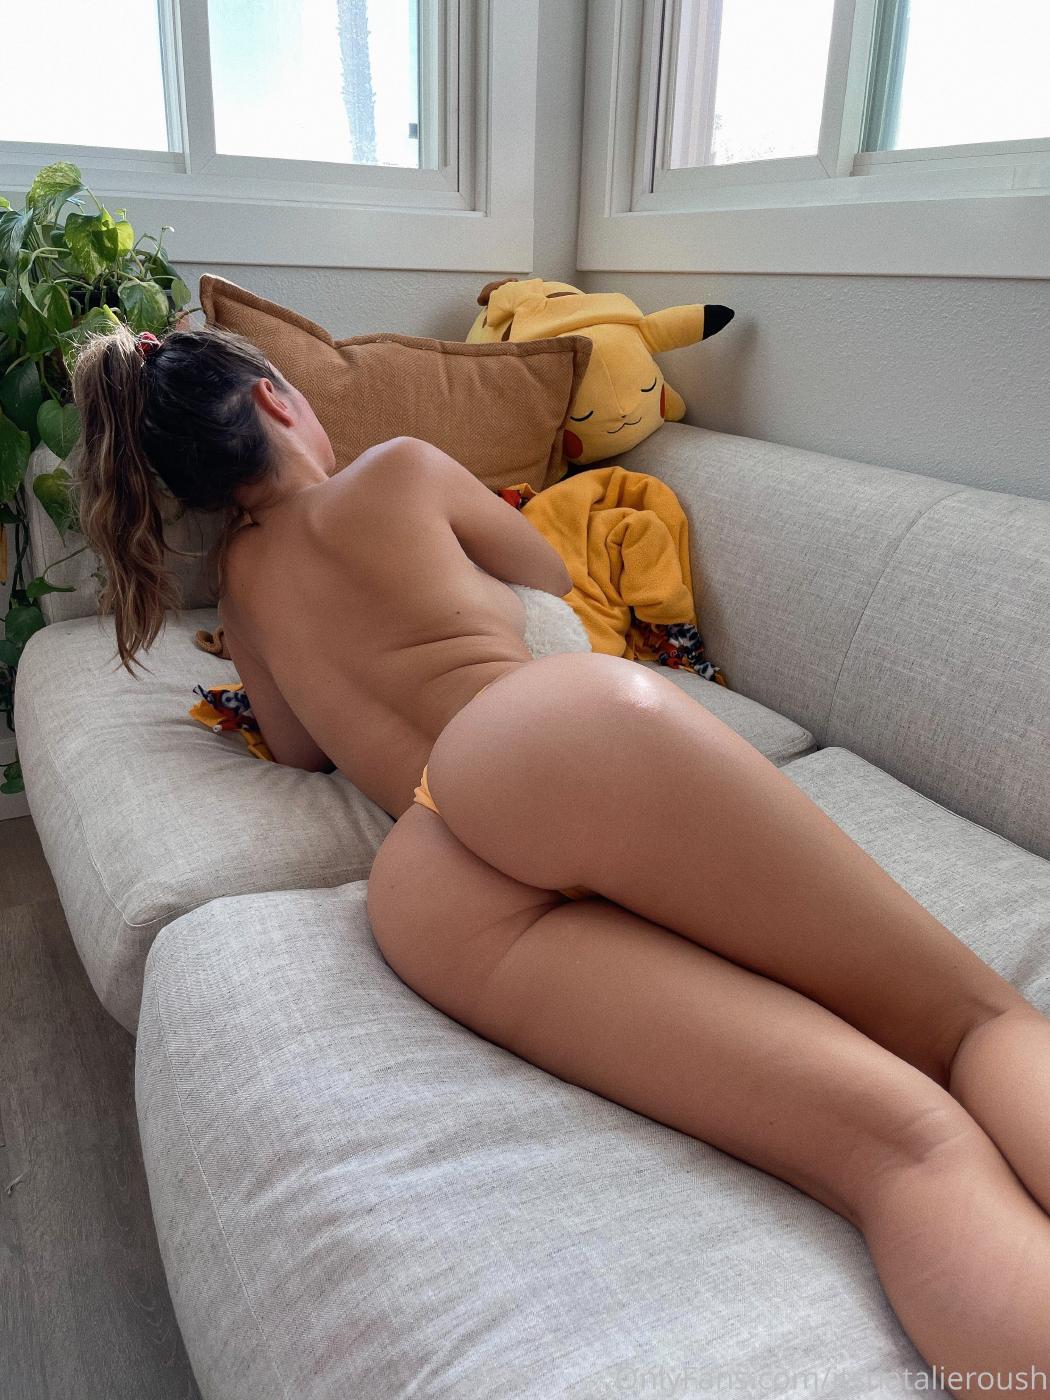 Natalie Roush Orange Thong Onlyfans Set Leaked Htryfa